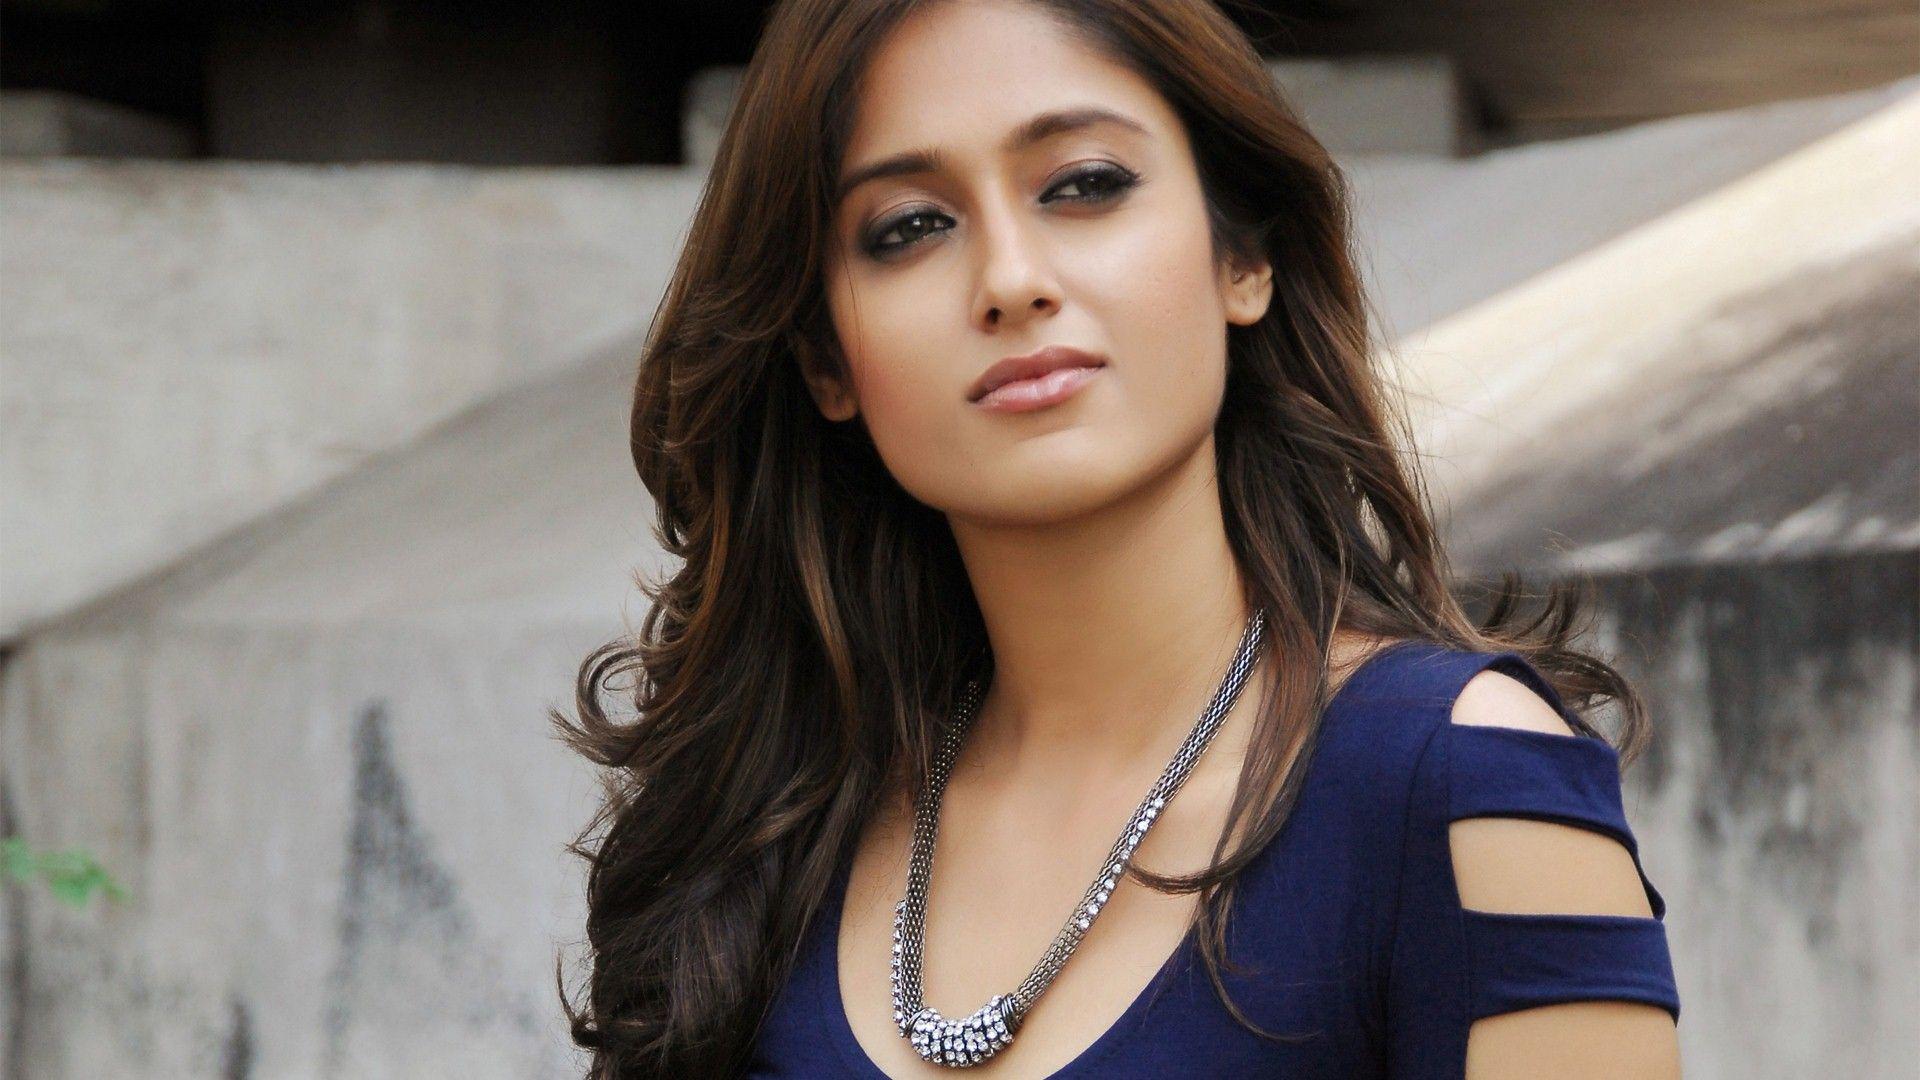 Bollywood Actress Ileana Dcruz Bollywood Actress Bollywood Images Bollywood